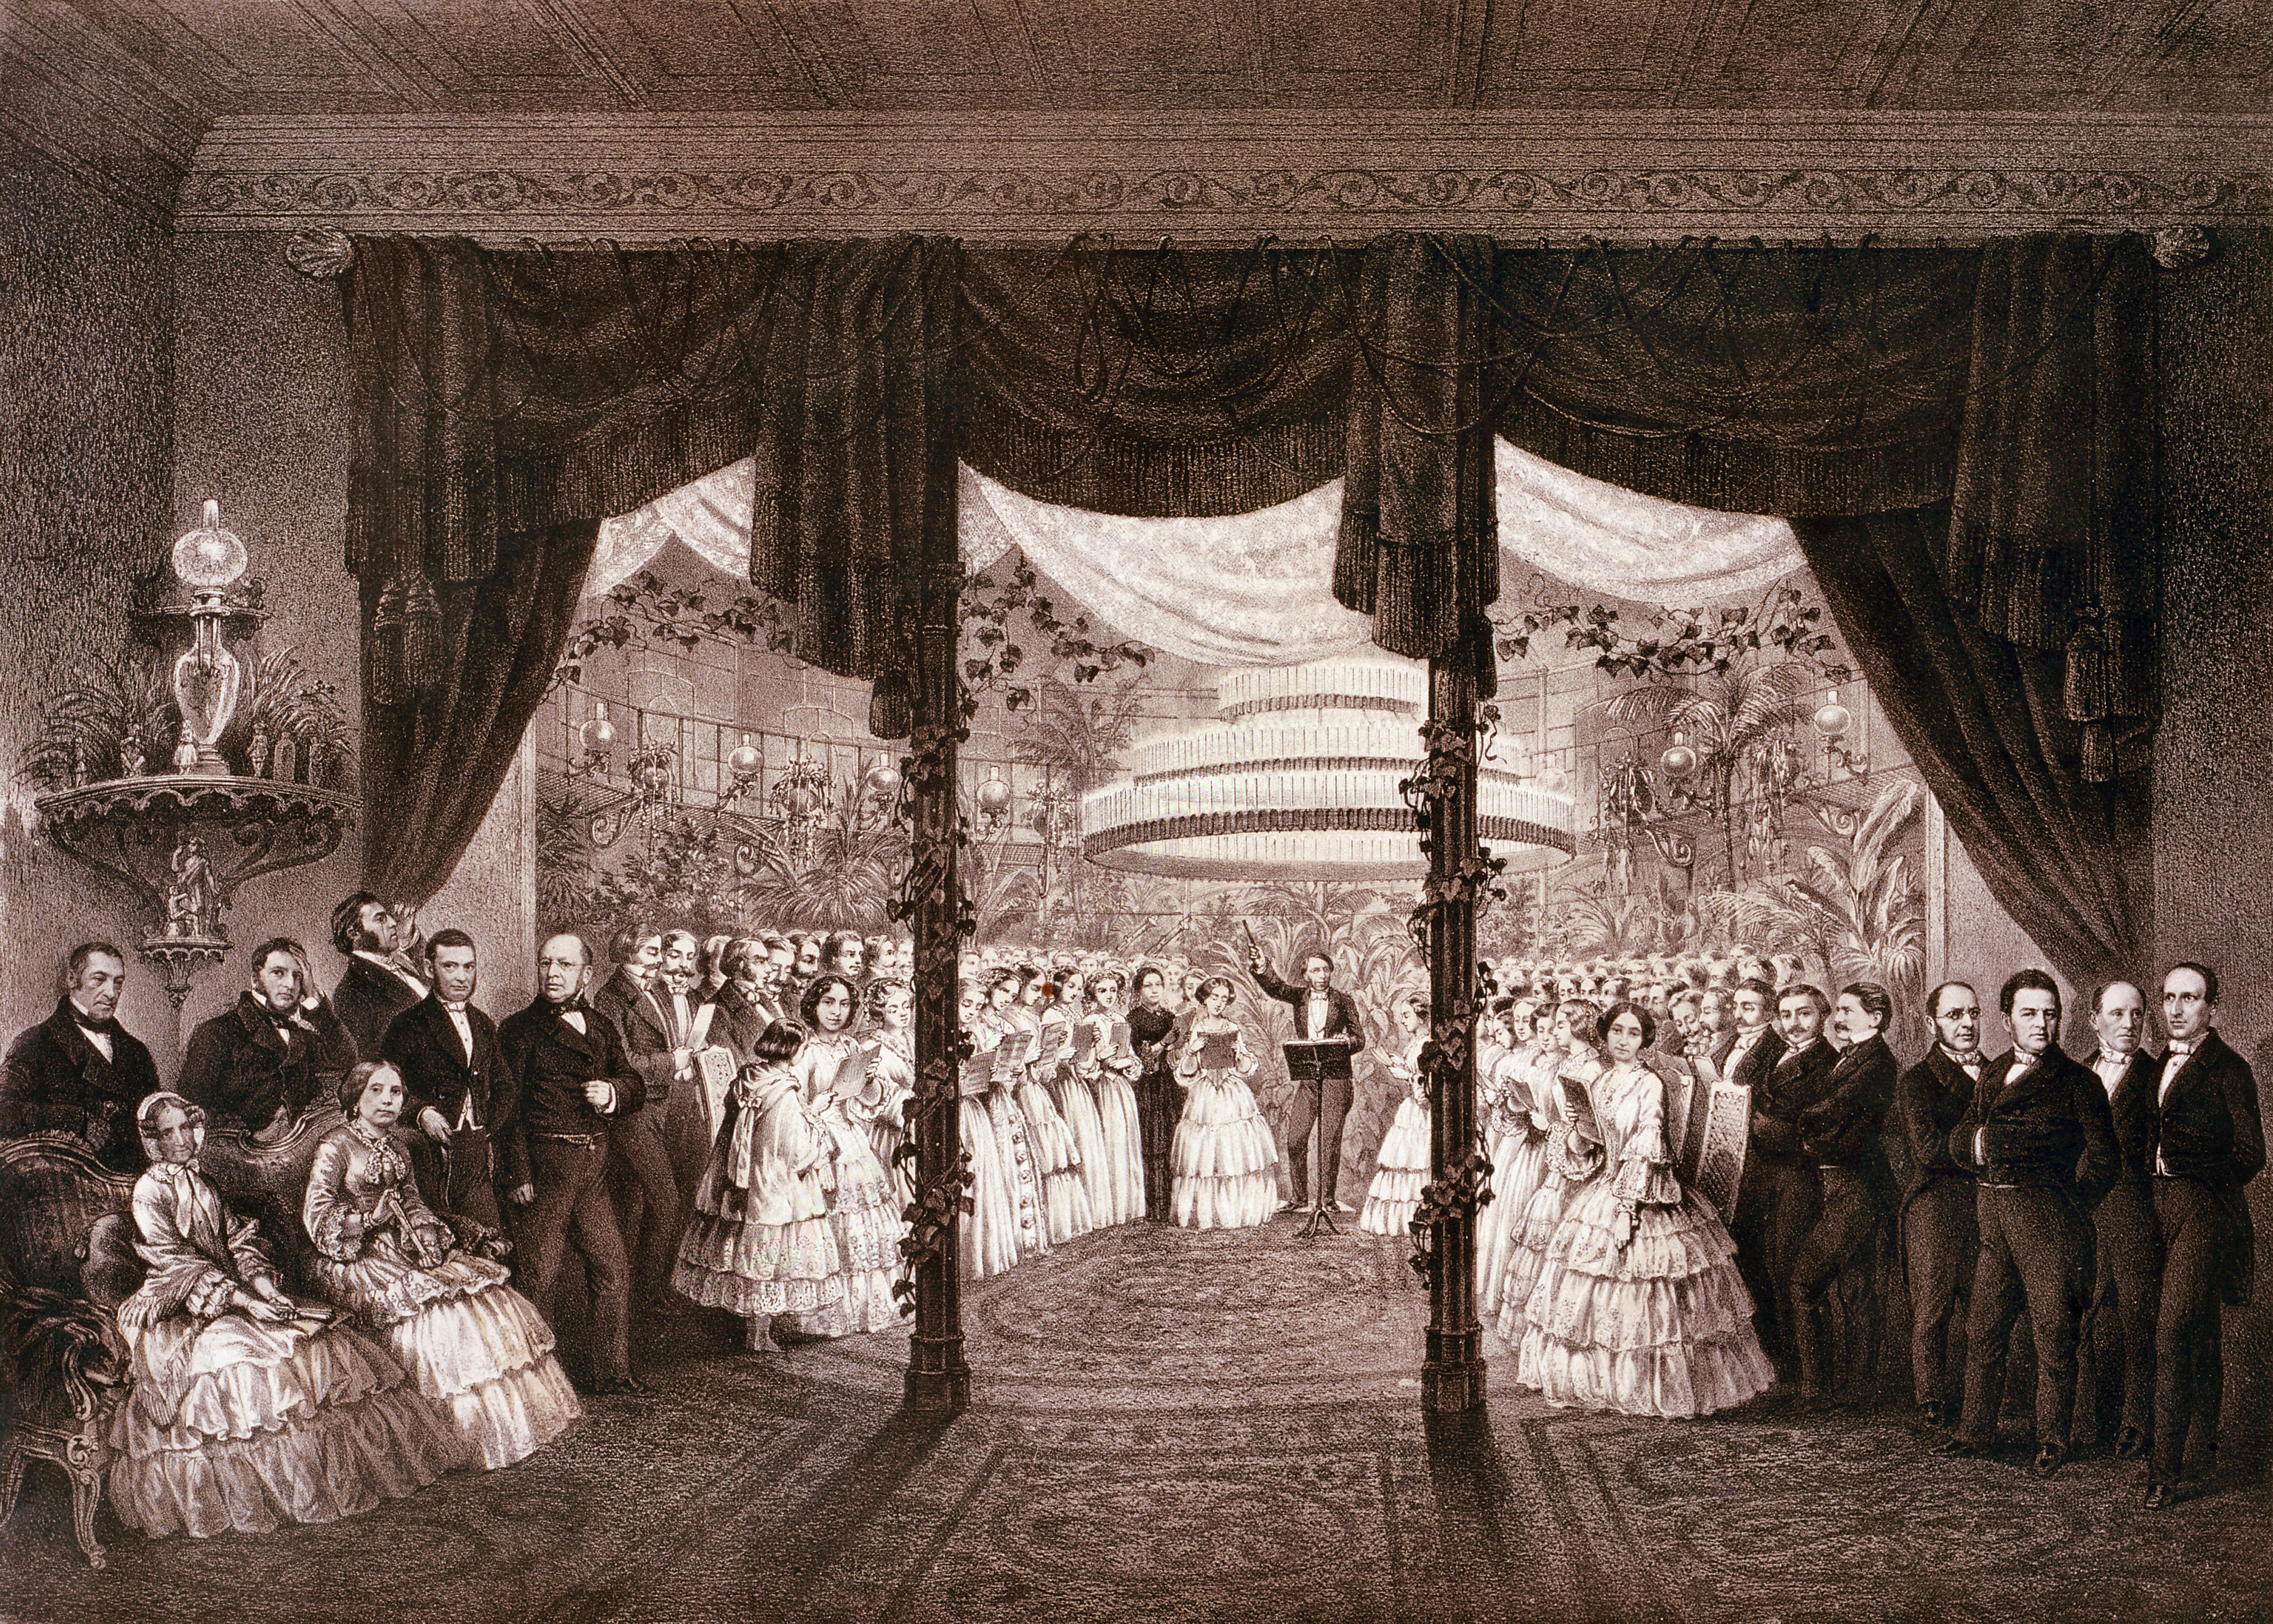 Ilustracja 3. <i>Oratorium w Pałacu Kronenberga</i>, litografia Maksymiliana Fajansa, 1855, Muzeum Narodowe w Warszawie, Gr.Pol.21952 MNW, fot. Piotr Ligier